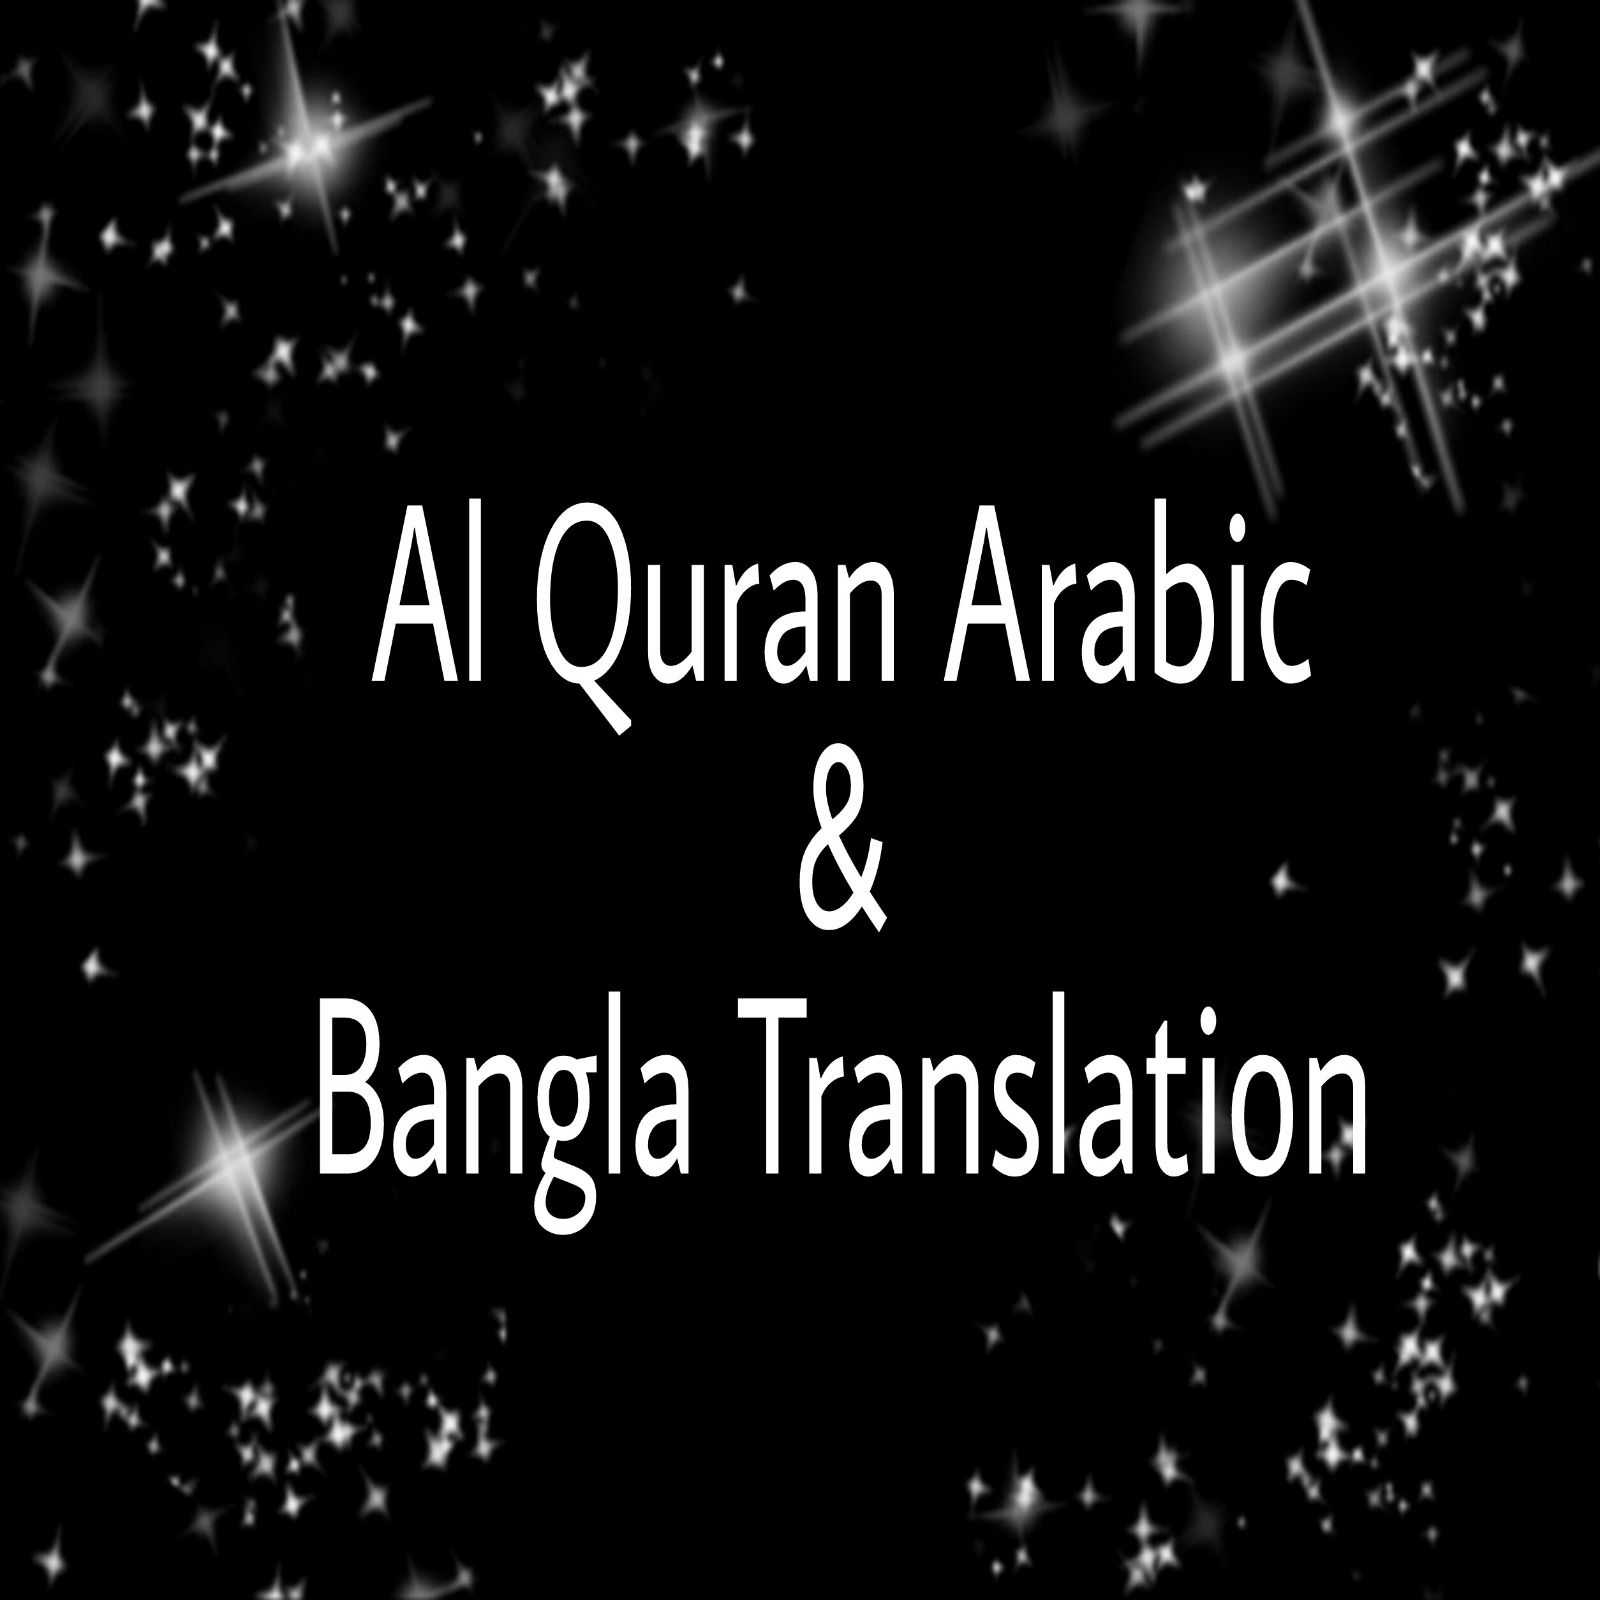 Al Quran Bangla by Abdur rahman as sudais, from Gazi Faruk